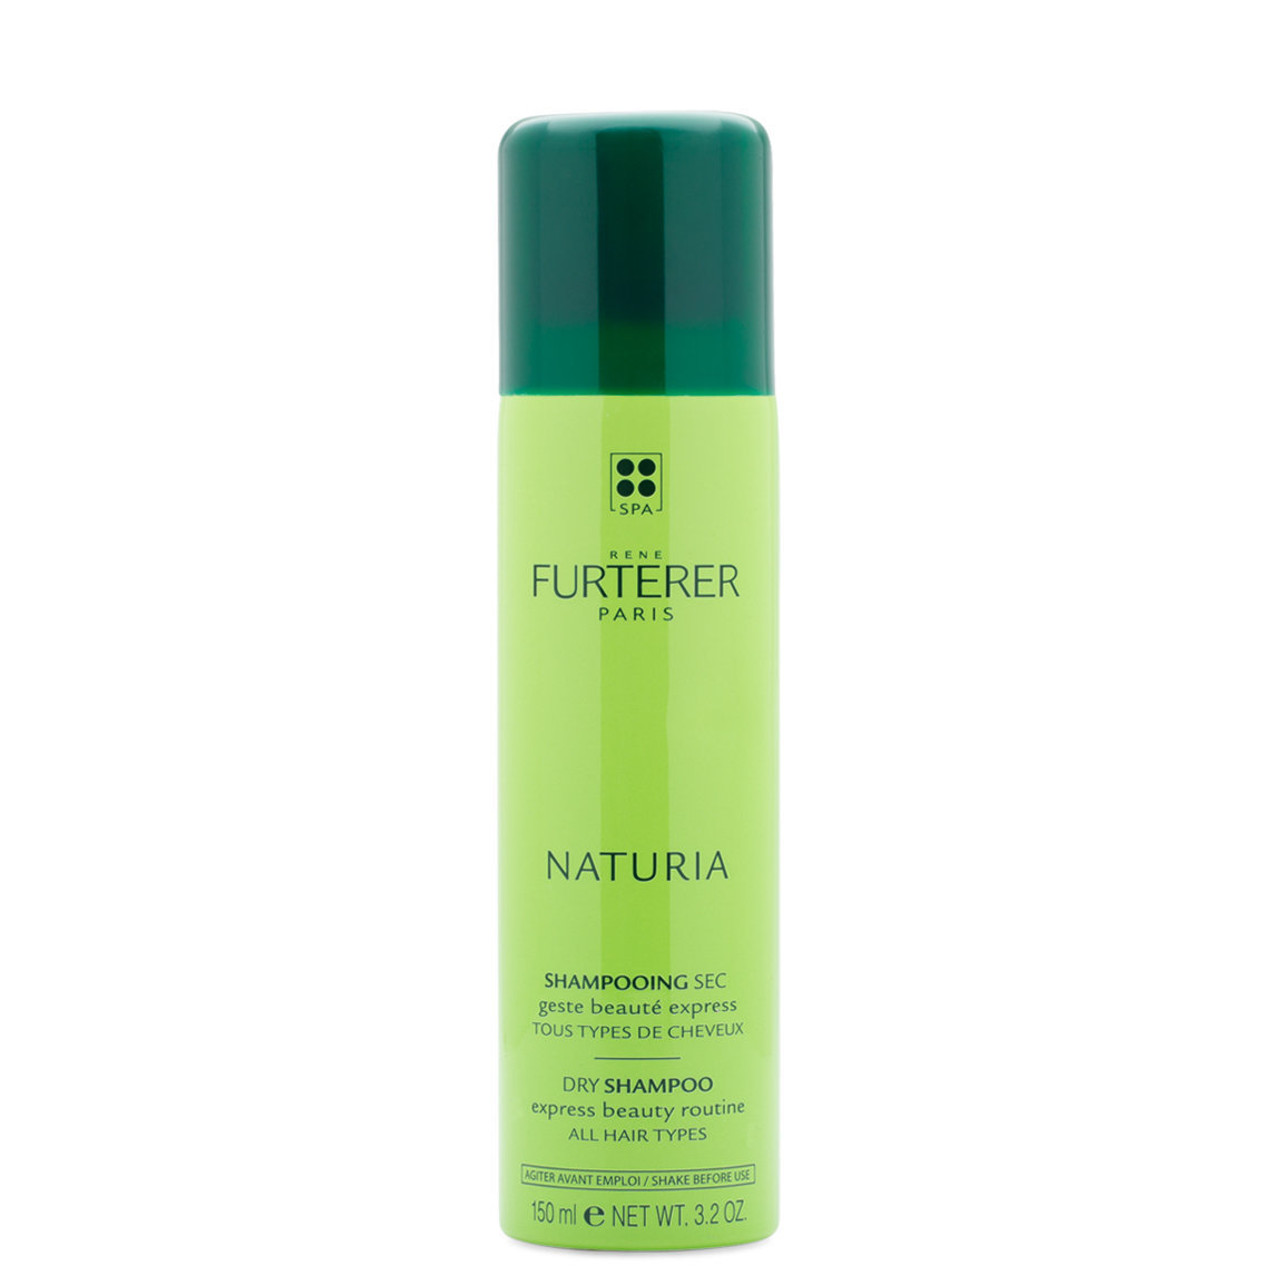 Rene Furterer Naturia Dry Shampoo 3.2 oz